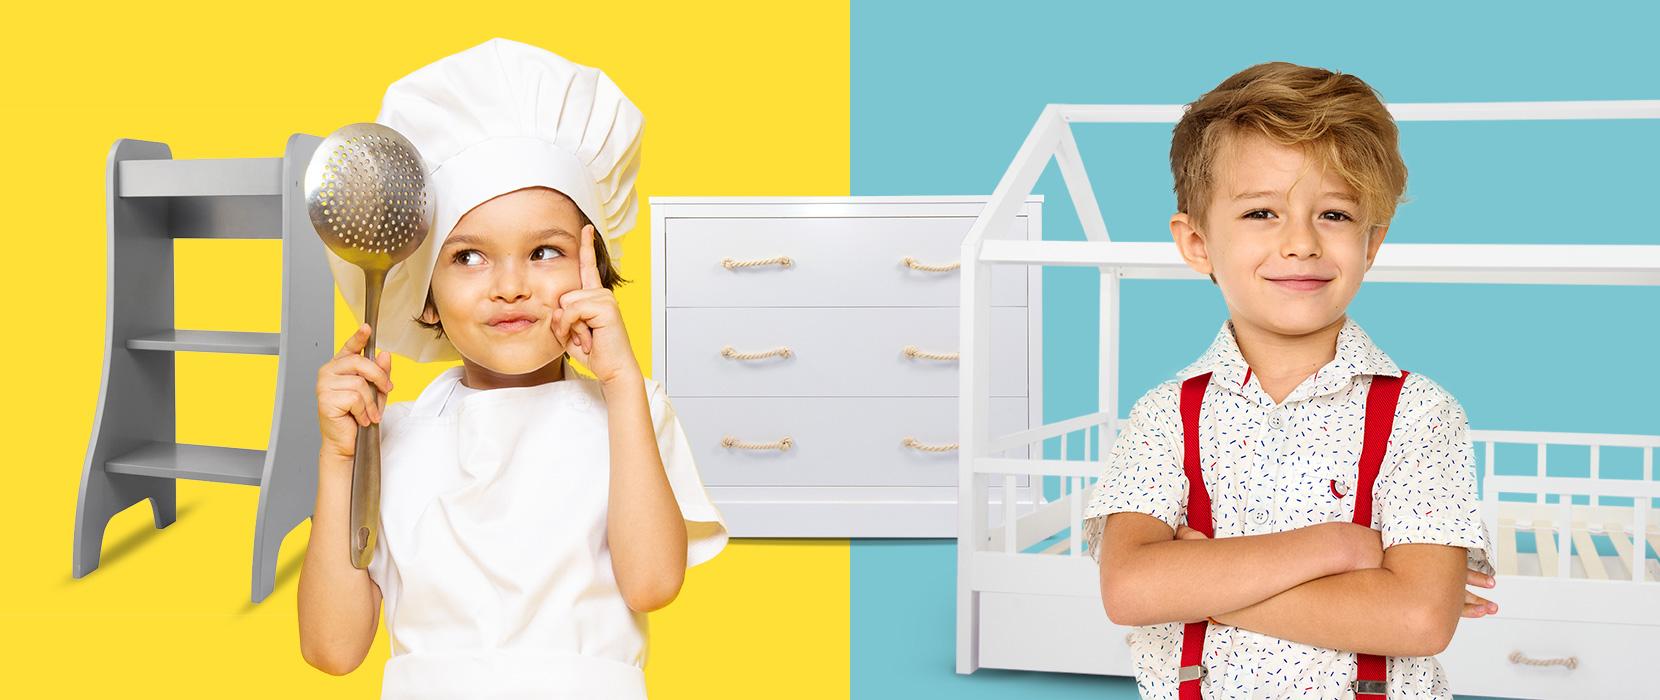 Layout und Logo der E-Commerce-Agentur: BS-Style GmbH. Darstellung eines Jungen mit Nudelkelle und Kochoutfit neben dem Entdeckerturm. Daneben ein Junge mit Hemd und Hosenträgern vor dem Hausbett Carlotta.